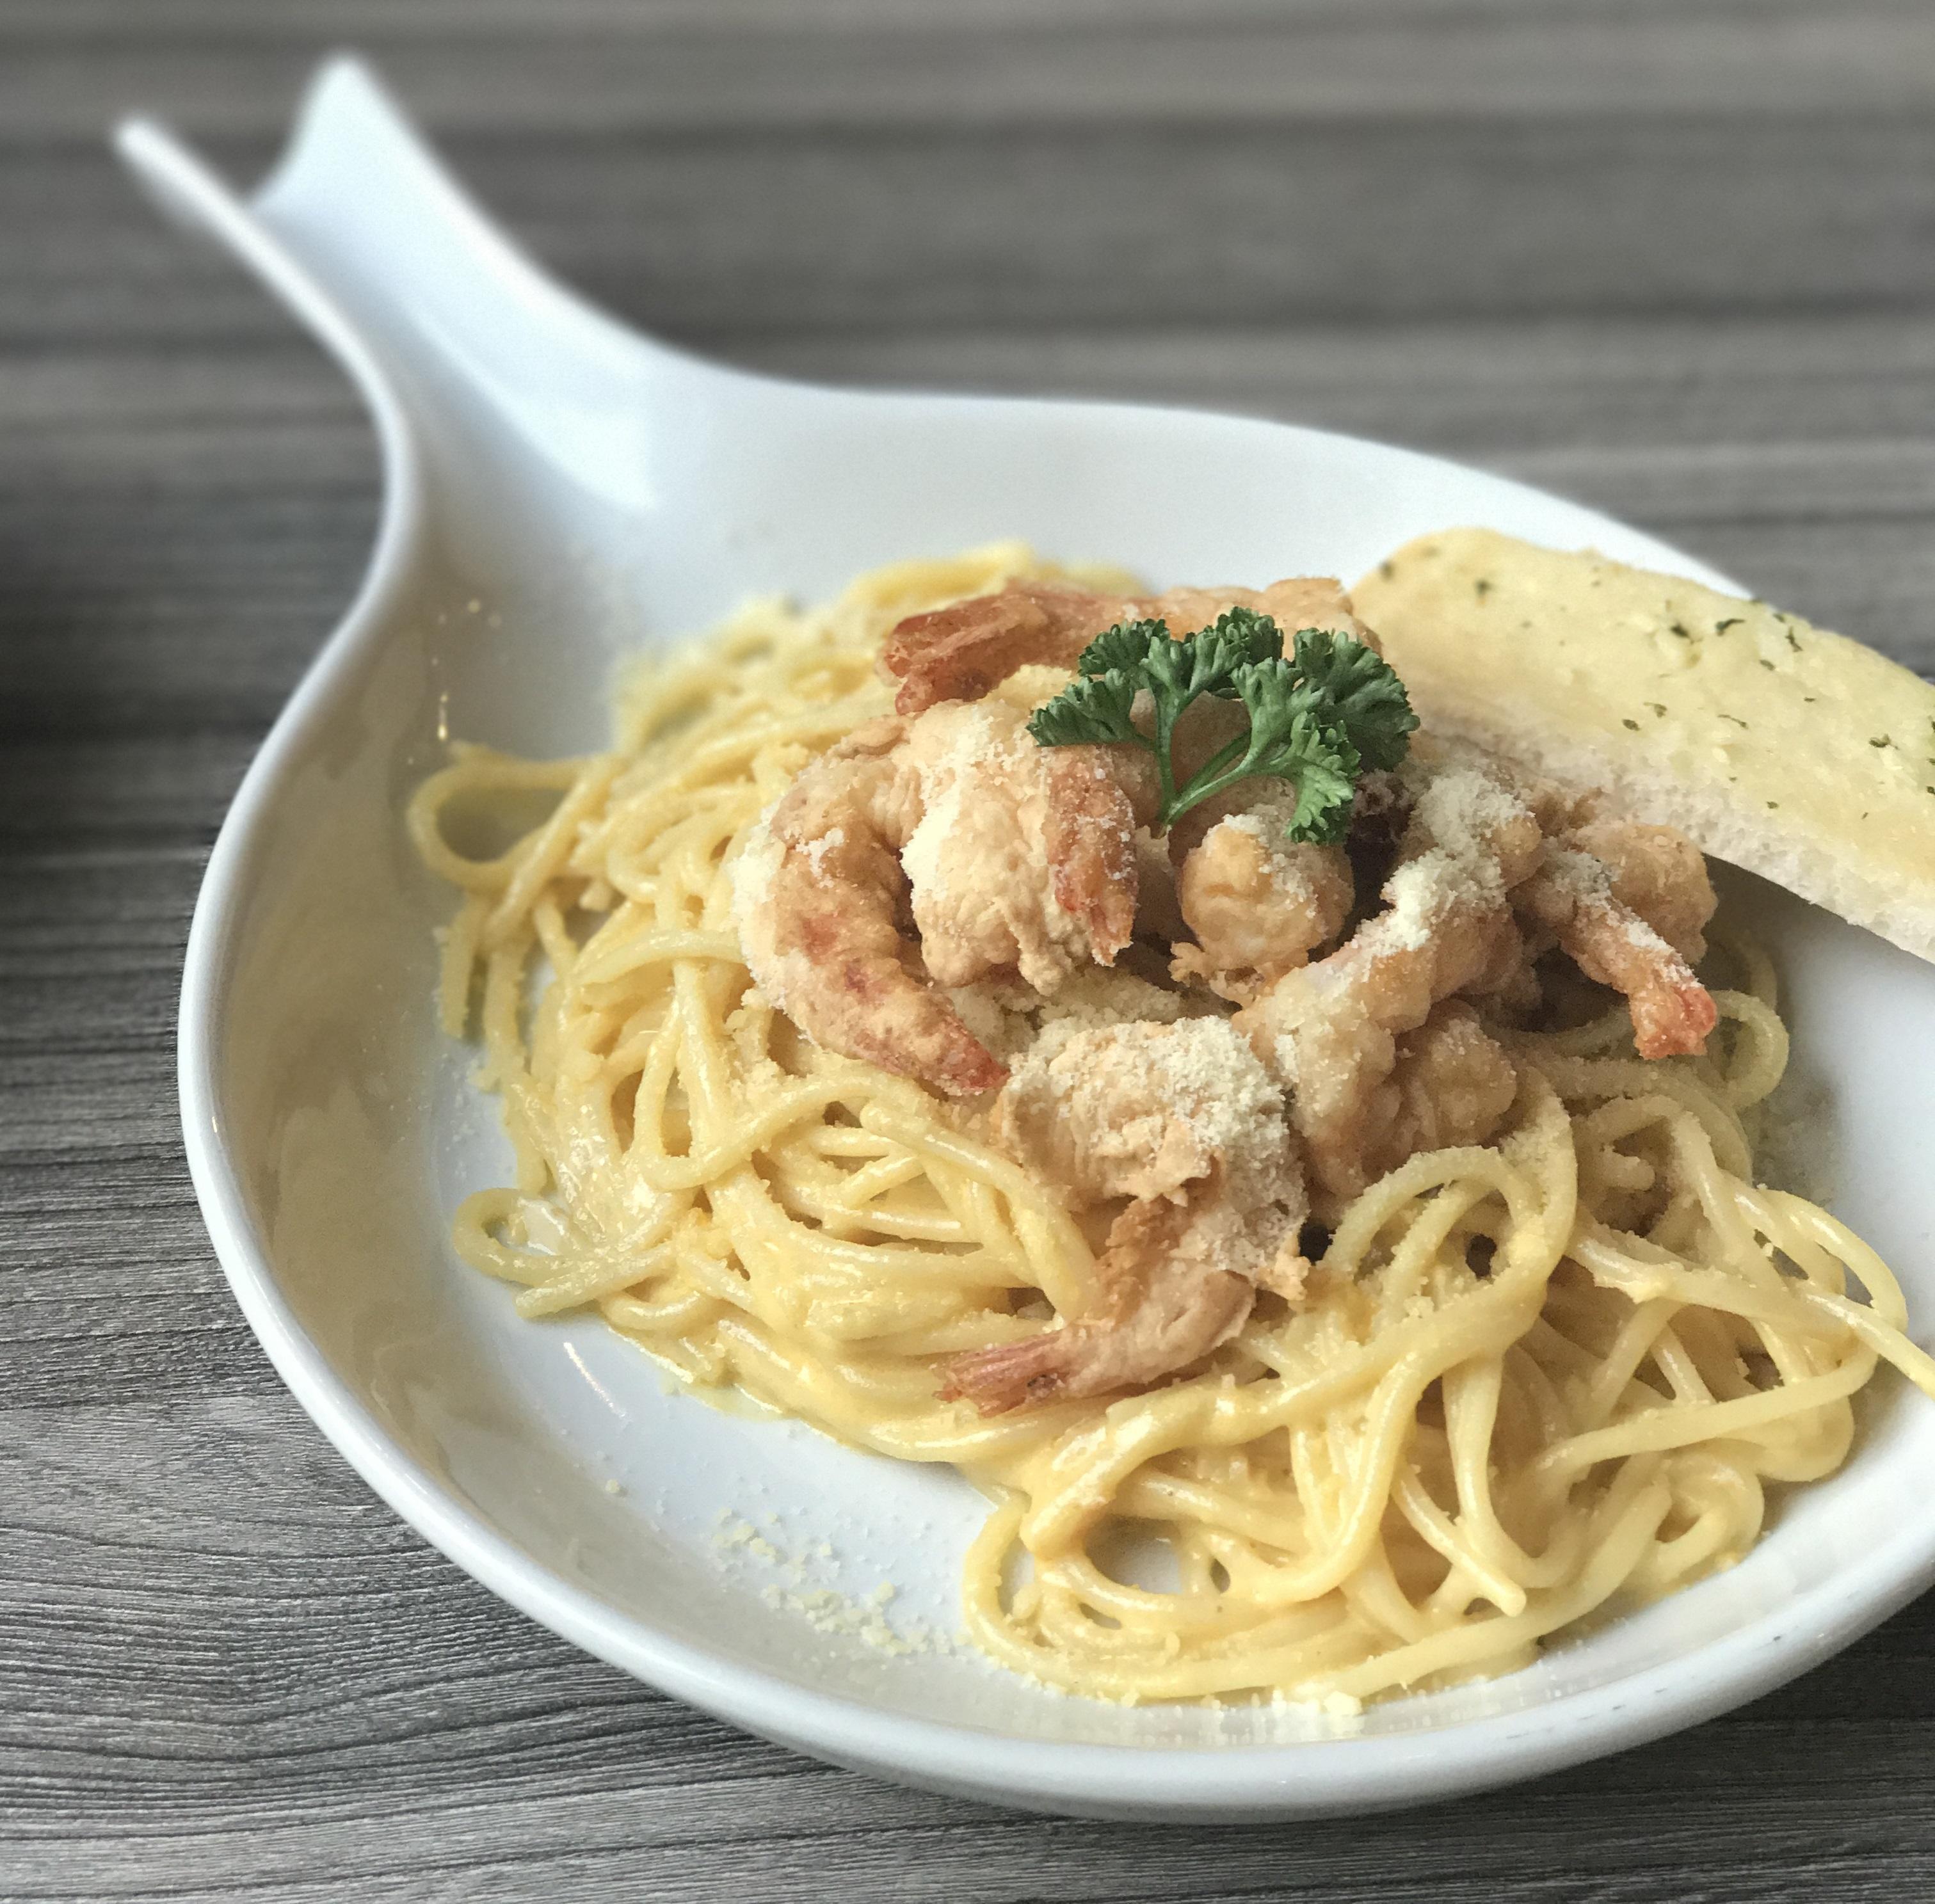 Salted Egg Pasta w/ Shrimp